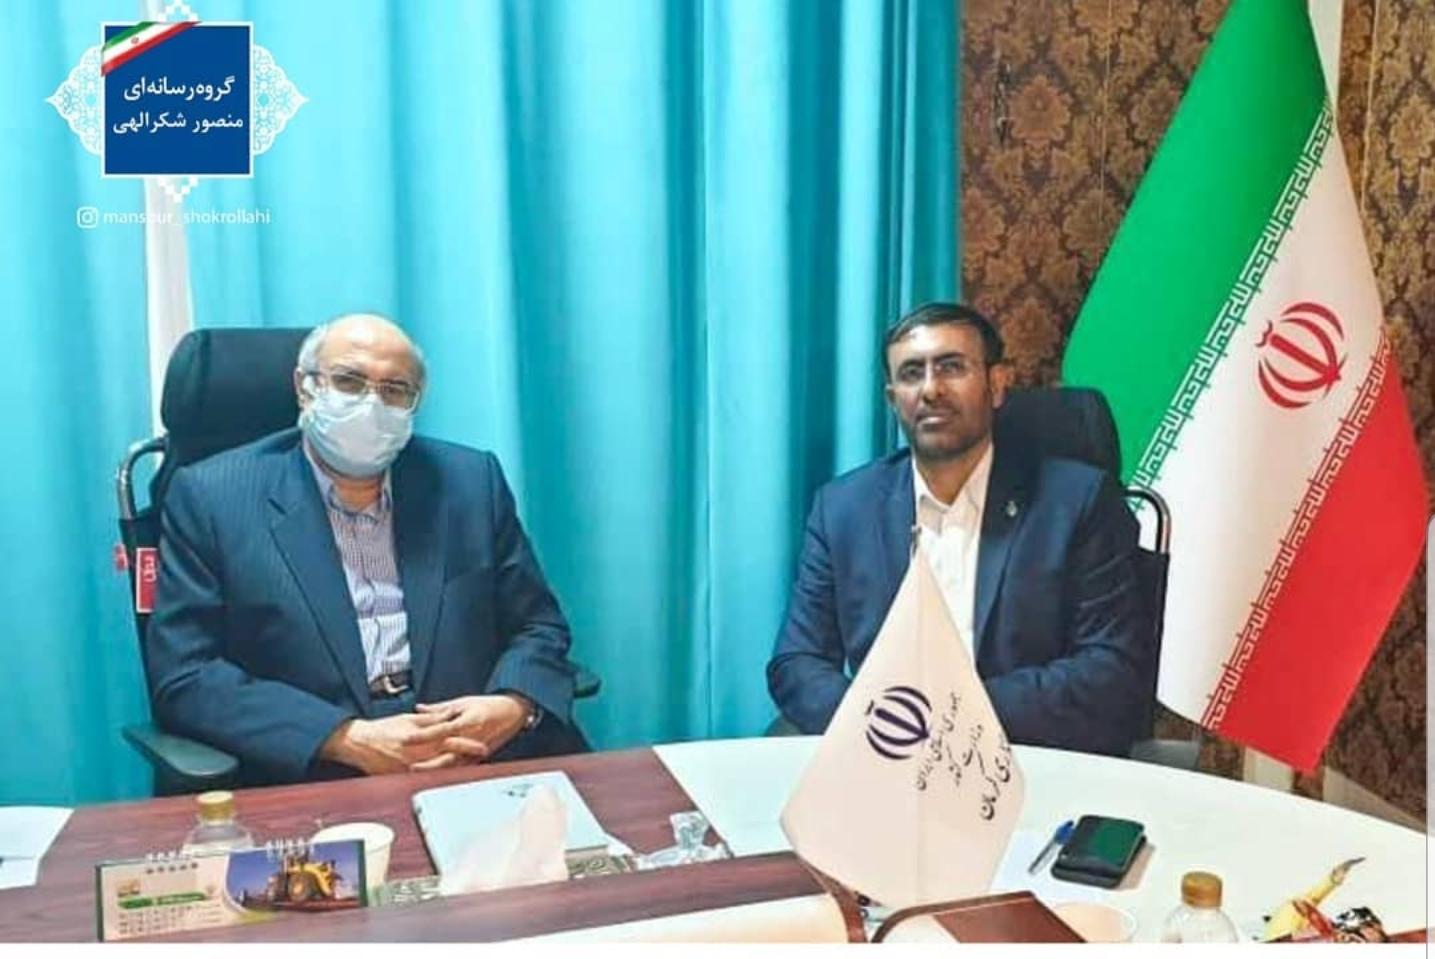 دیدار منصور شکرالهی با استاندار کرمان